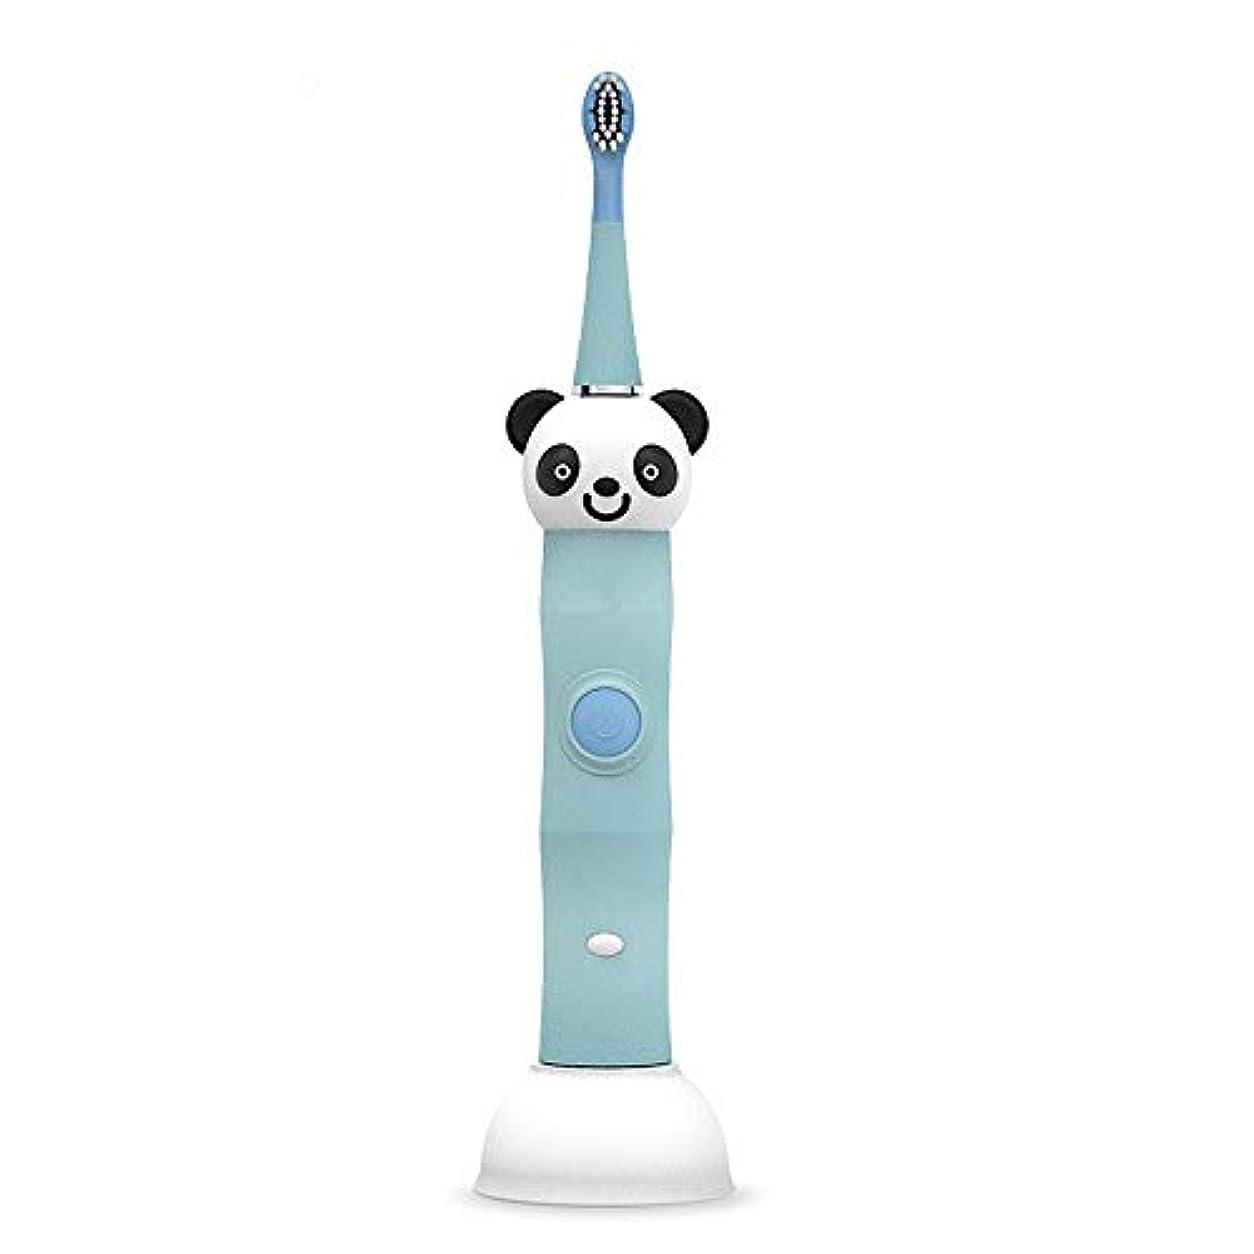 増加する十年ペース電動歯ブラシ USBの充満基盤の柔らかい毛のきれいな歯ブラシと防水子供の電動歯ブラシ (色 : 青, サイズ : Free size)